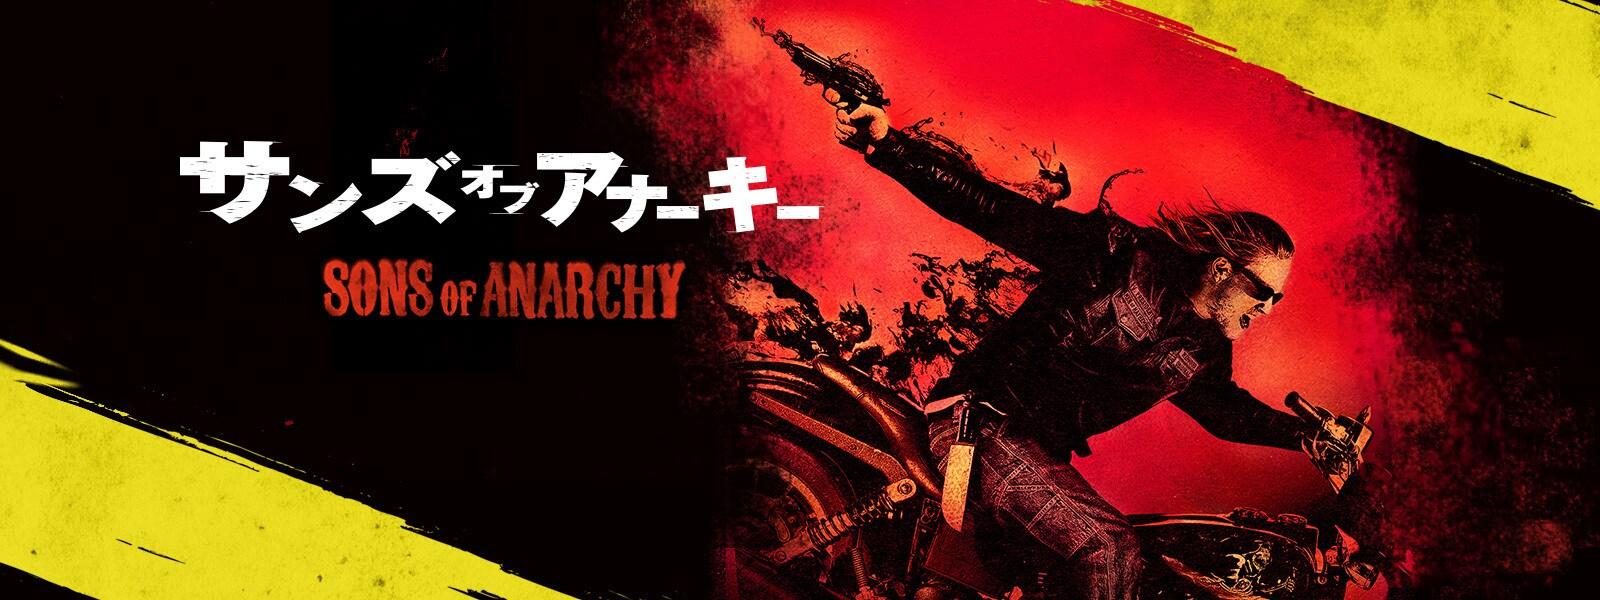 サンズ・オブ・アナーキー|Sons of Anarchy Hero Object